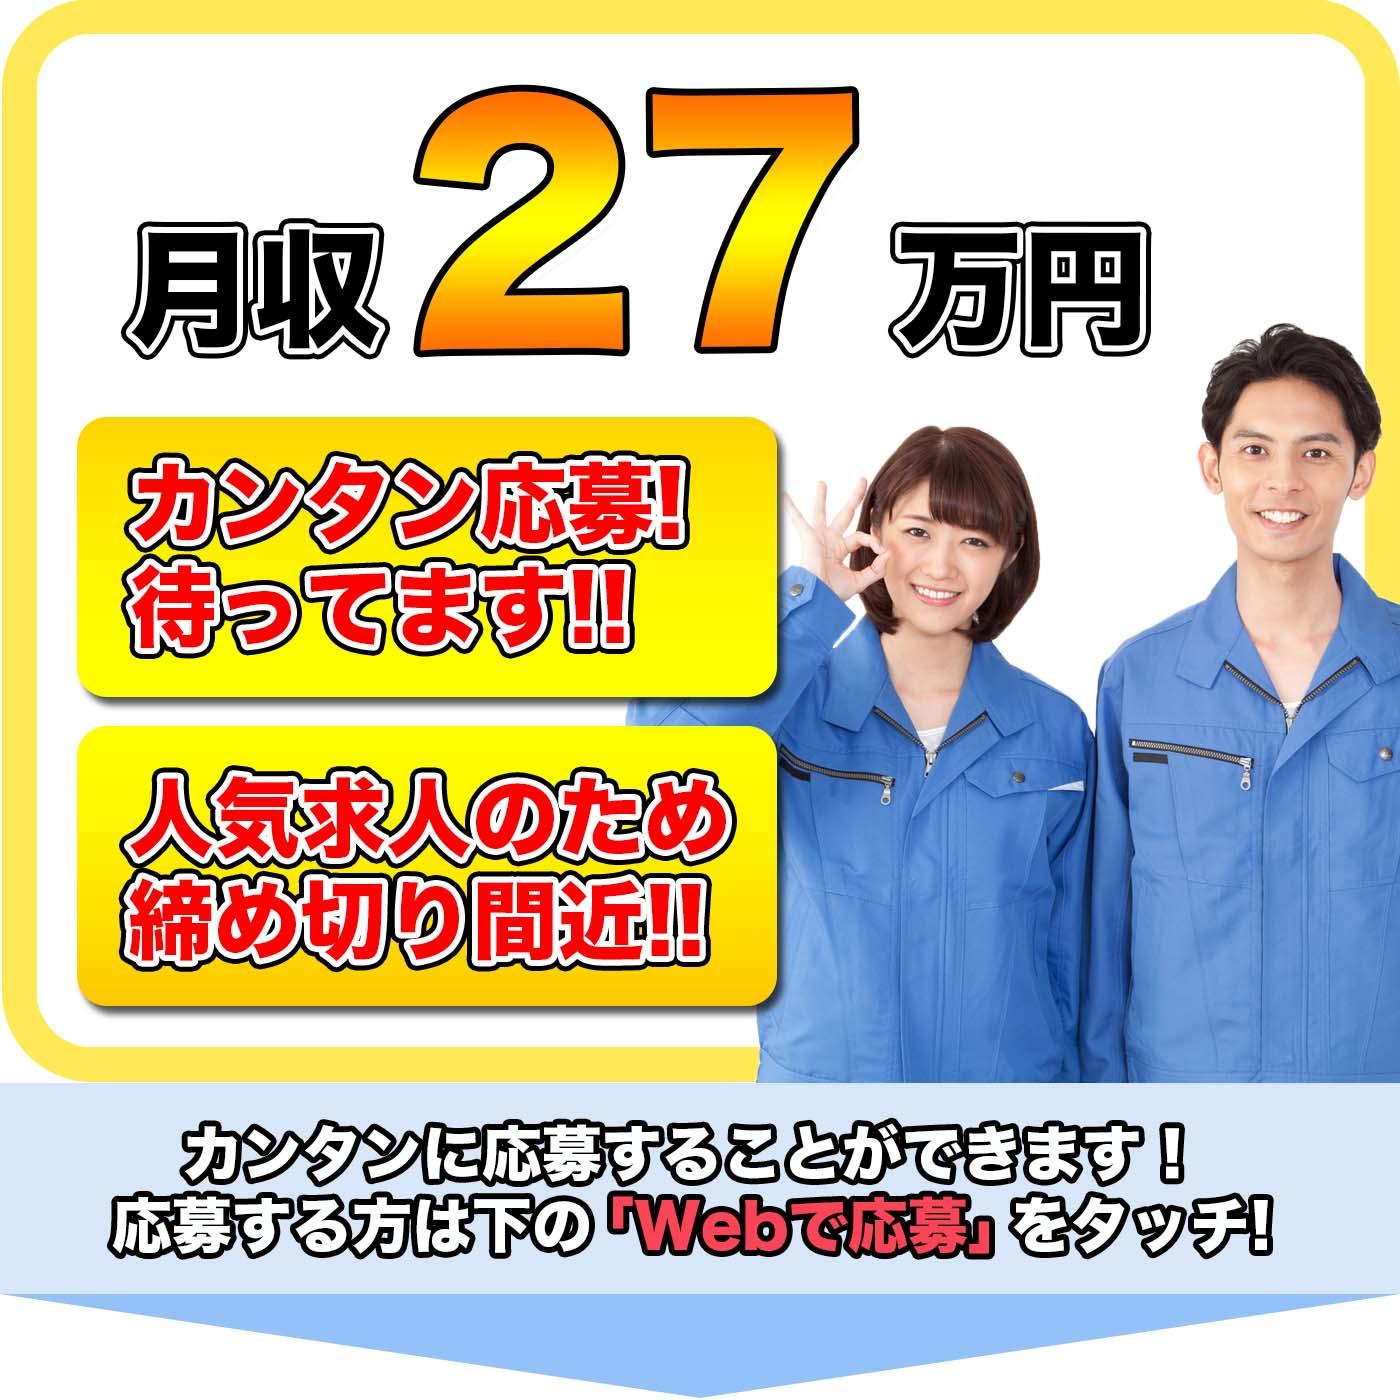 Kyujin23 bc 3